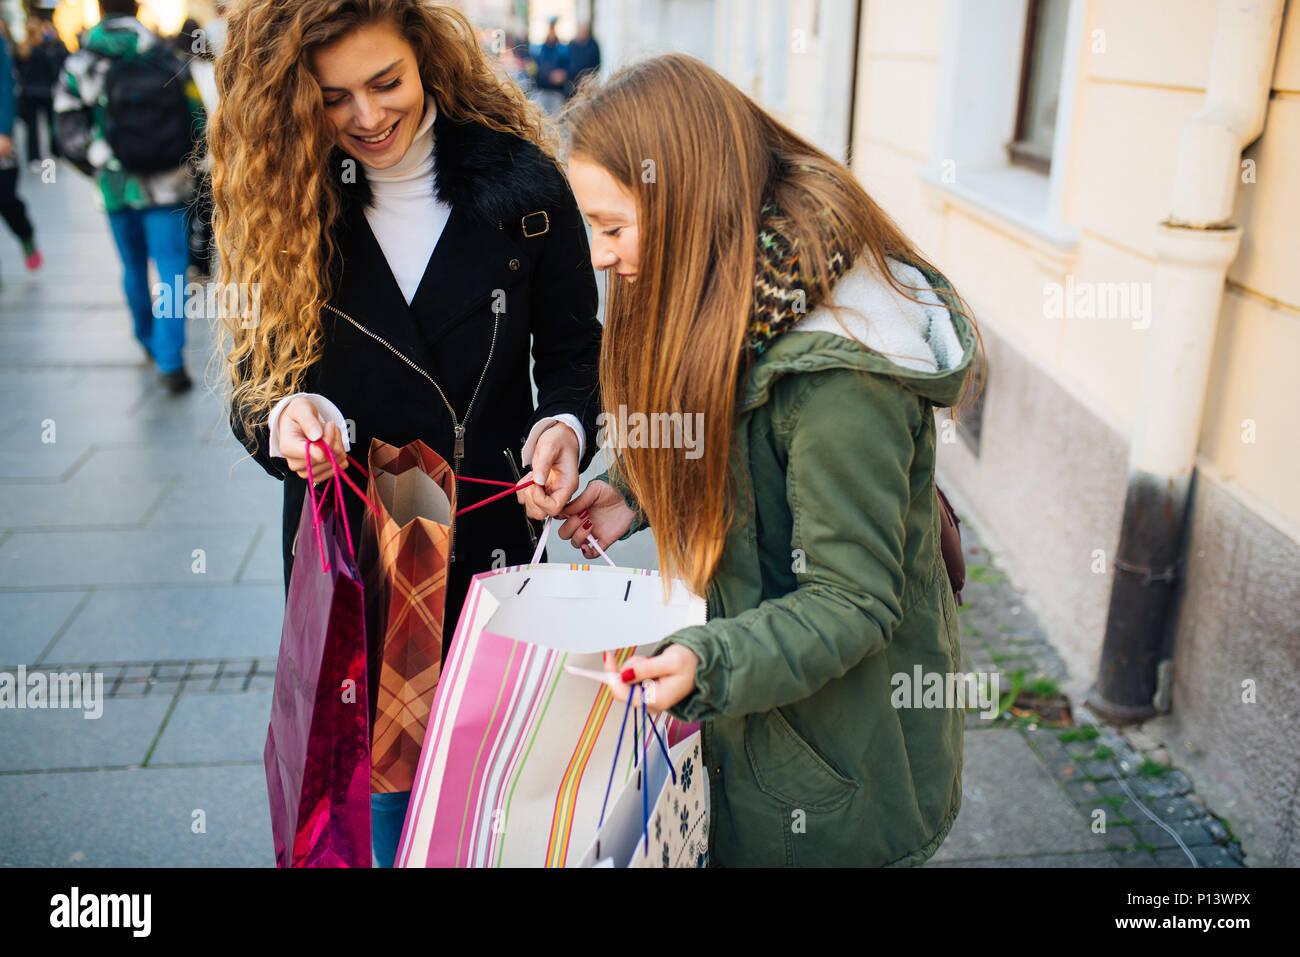 Junge attraktive Frau mit Santa Claus hat vor Schaufenster auf der Suche etwas zu kaufen Stockbild